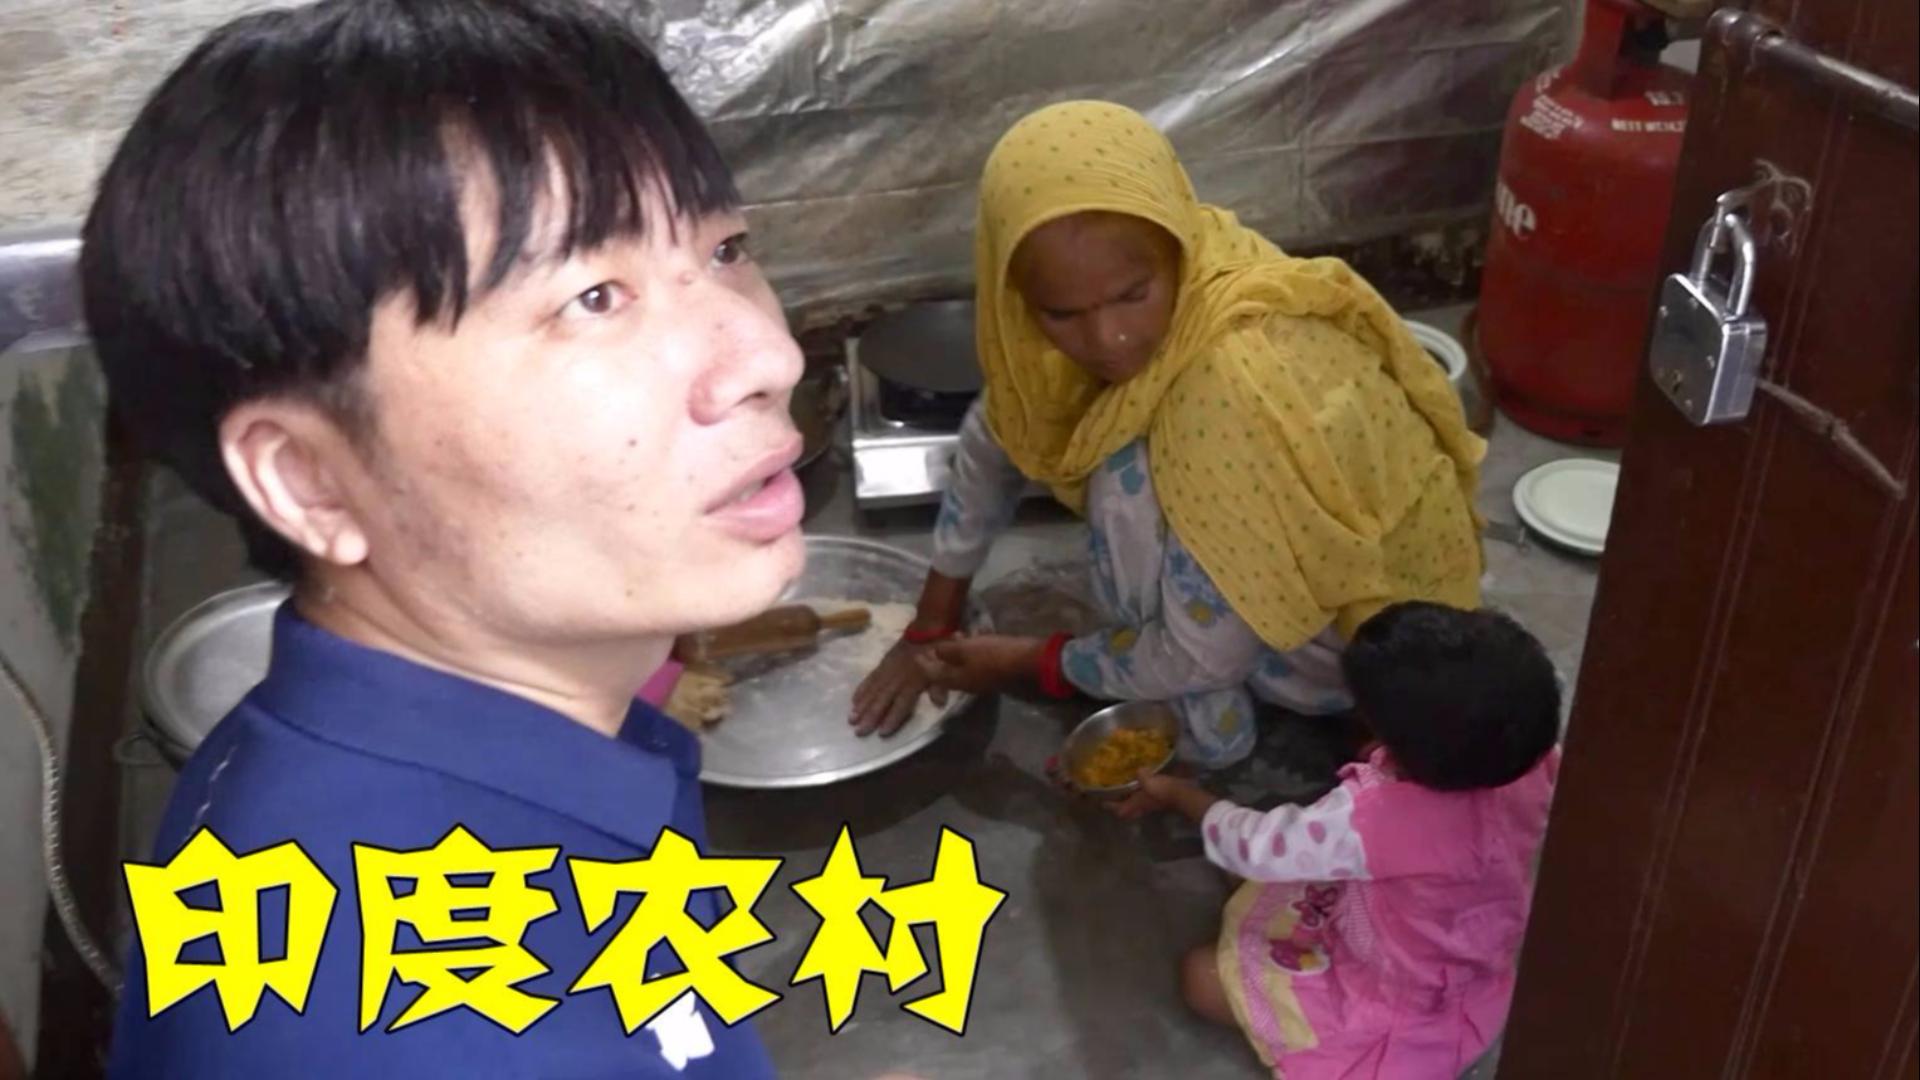 到印度农村做客,女人们给中国小哥做饭,小哥品尝后,表情亮了!